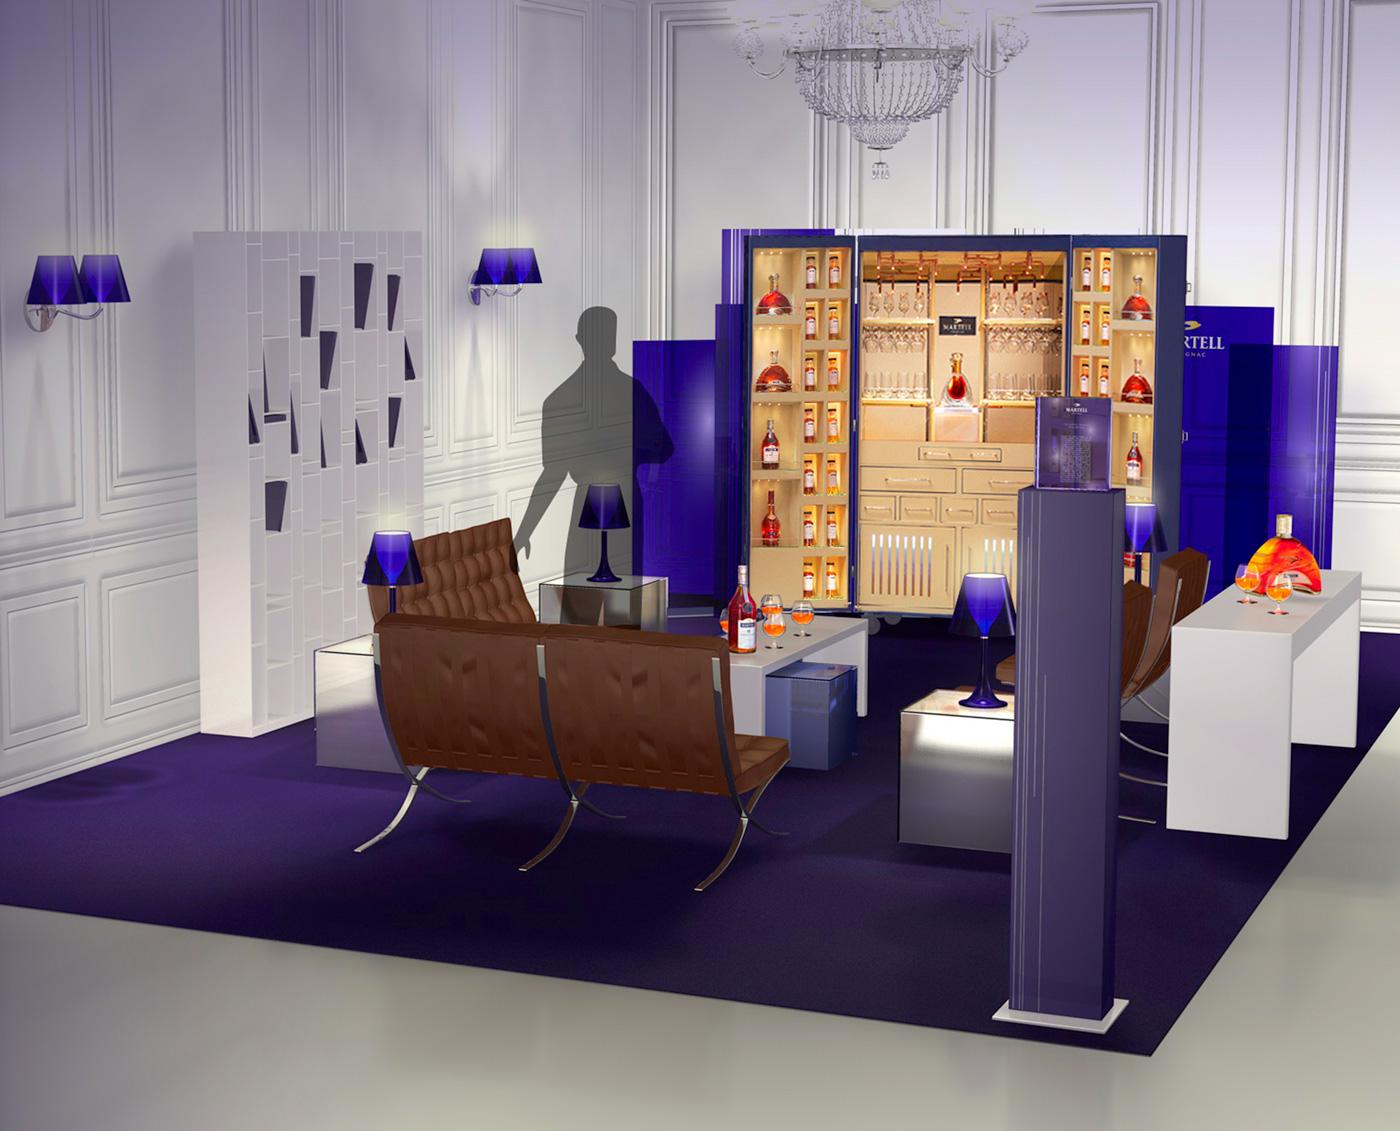 Martell - Un design pensé par l'agence de design de Paris Partisan du Sens.